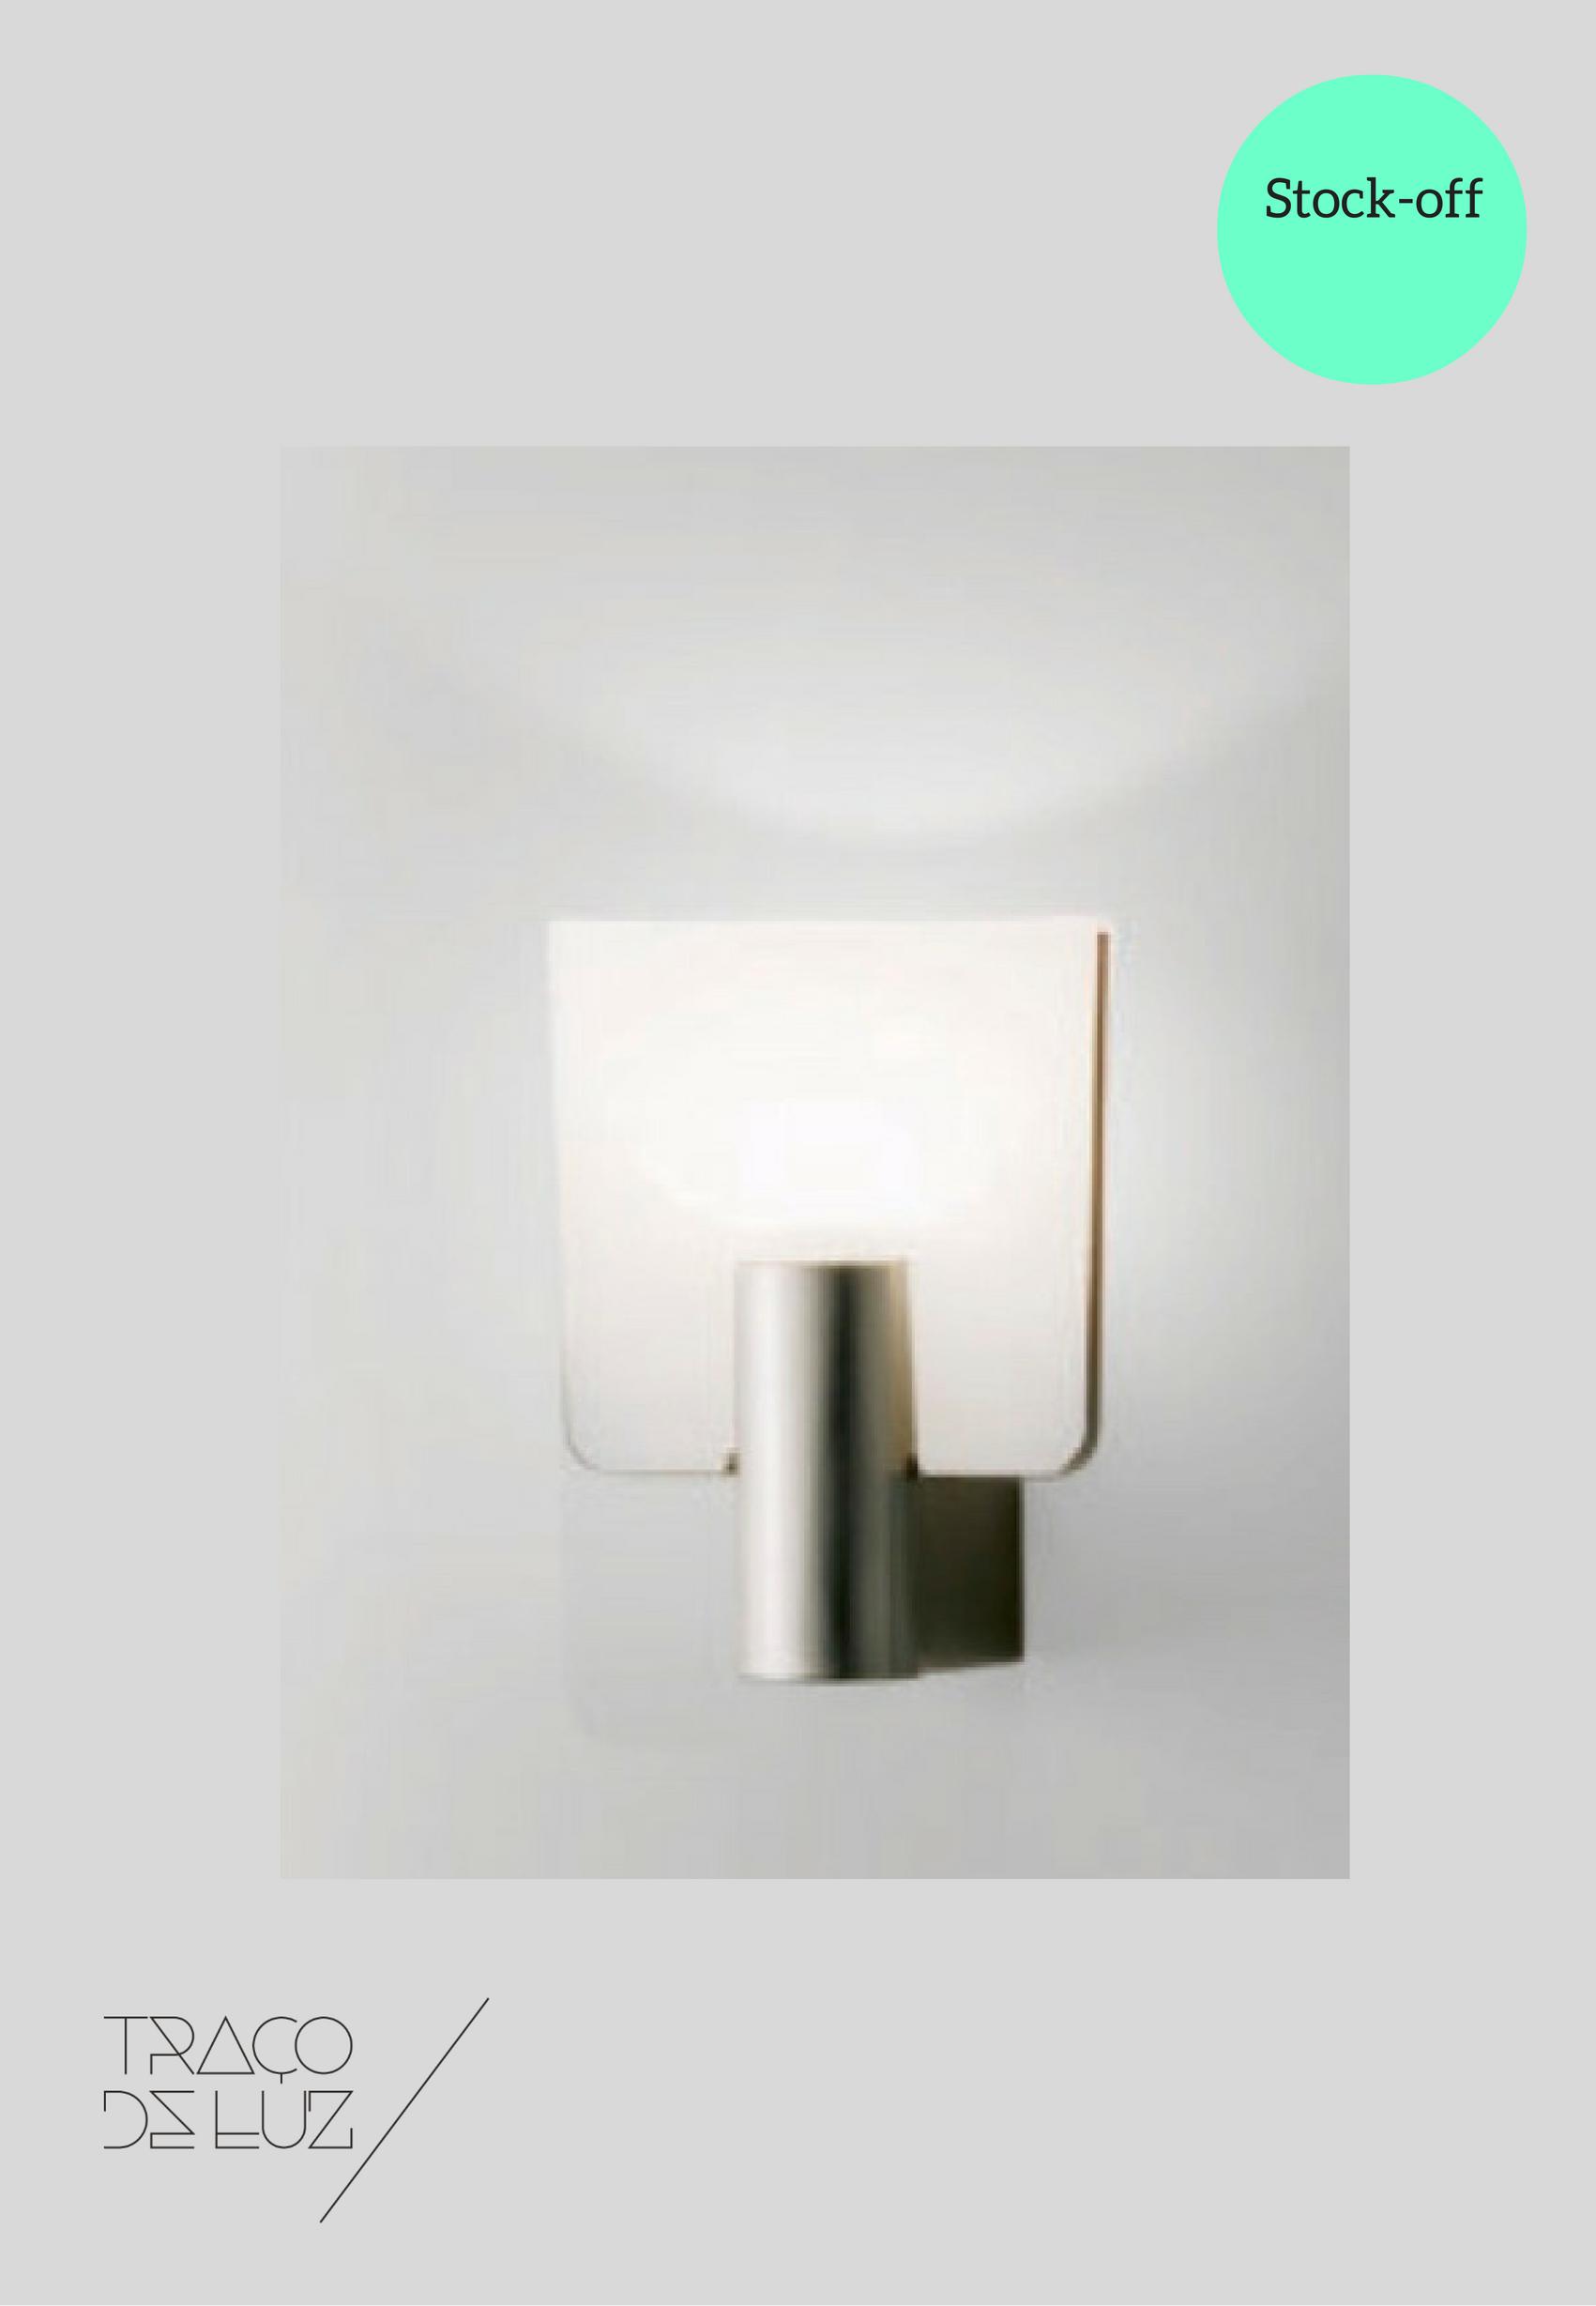 Traço de Luz Prandina Micron W1 Shop Buy Online Loja Comprar Preço Price Delivery Portugal Iluminação Lighting Candeeiro Lamp Design Candeeiro Aplique